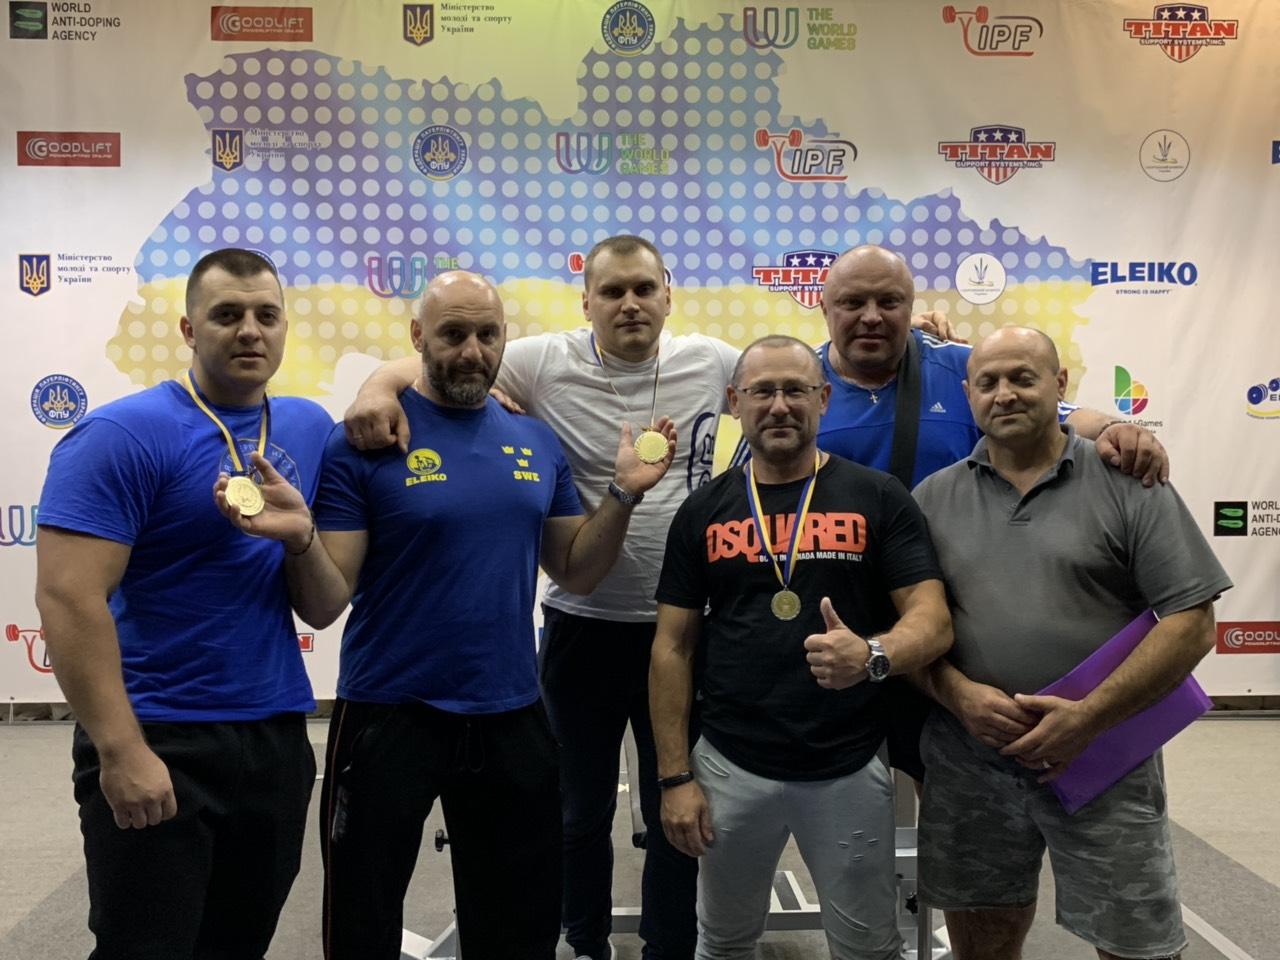 Чемпіонат України з класичного жиму лежачи, Коломия. Фото'